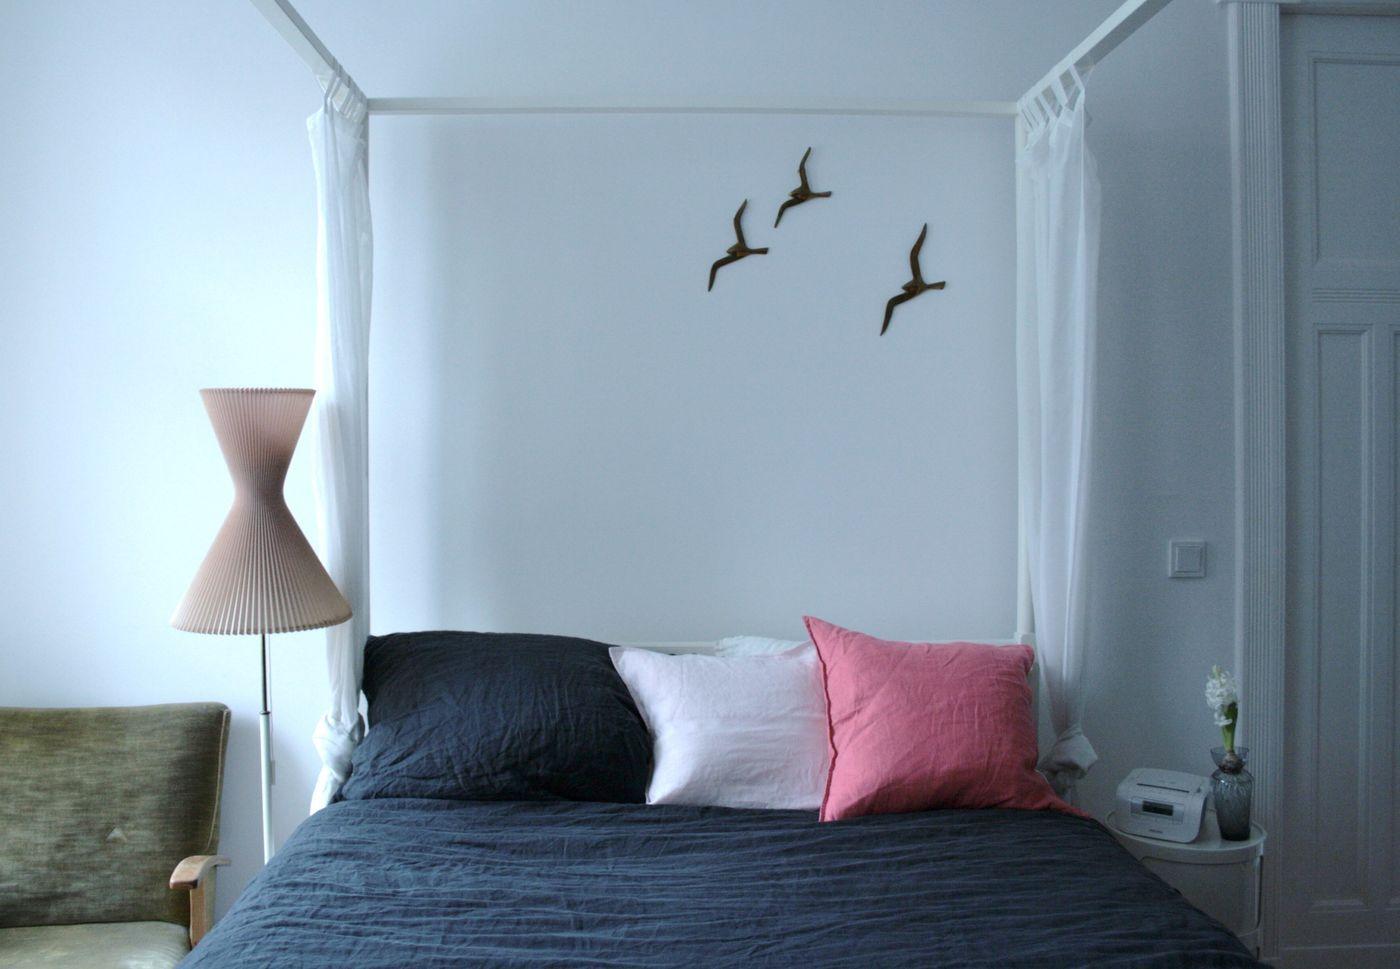 Wandgestaltung Schlafzimmer. Lieblingsplatz Im Winter